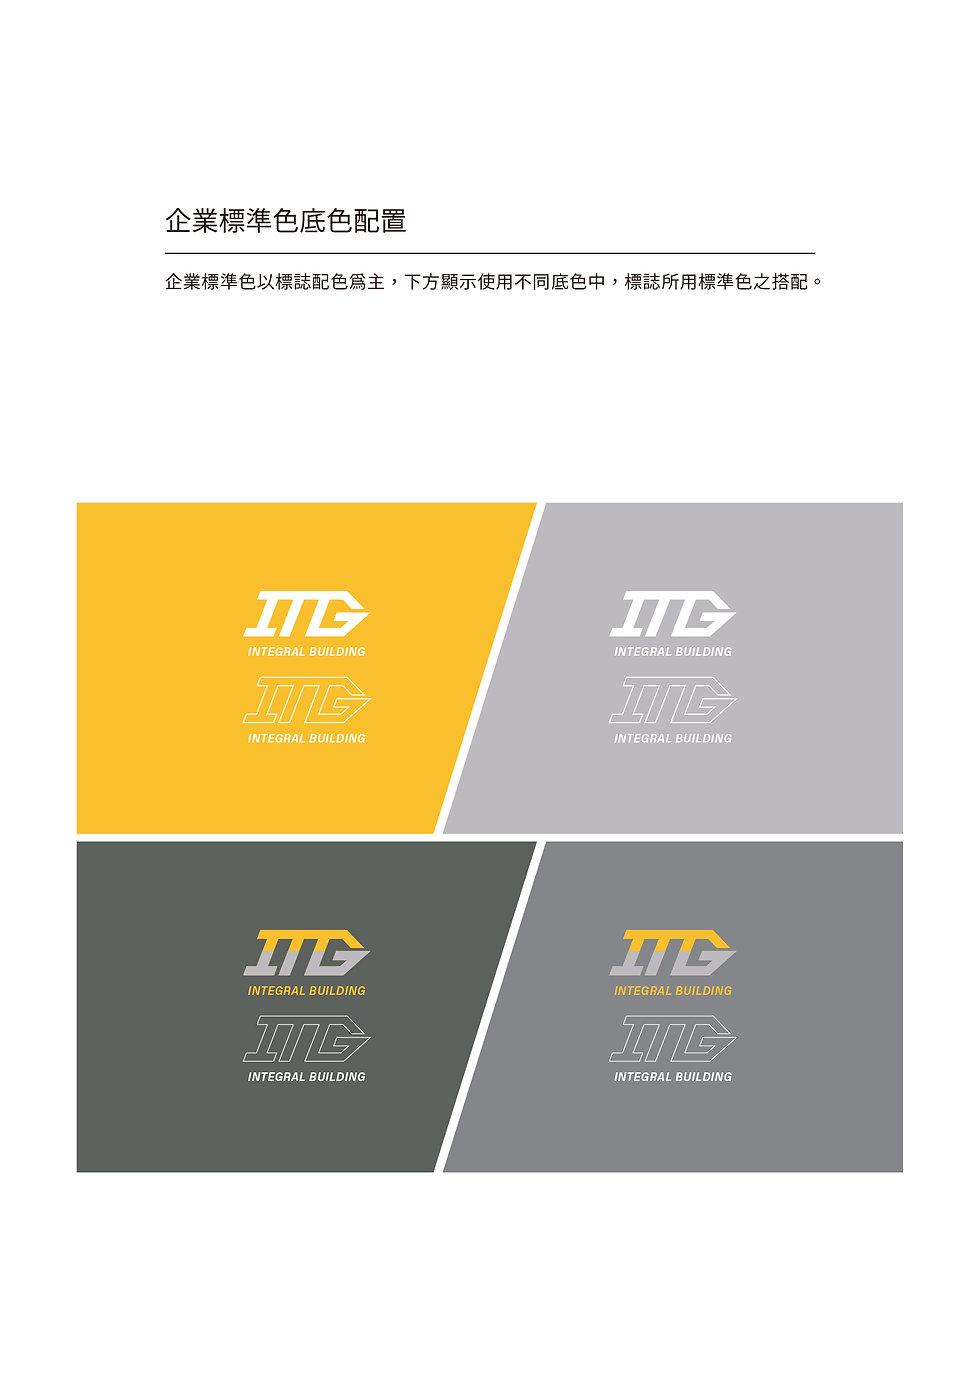 新鑫金屬標誌基礎系統-作品用-10.jpg